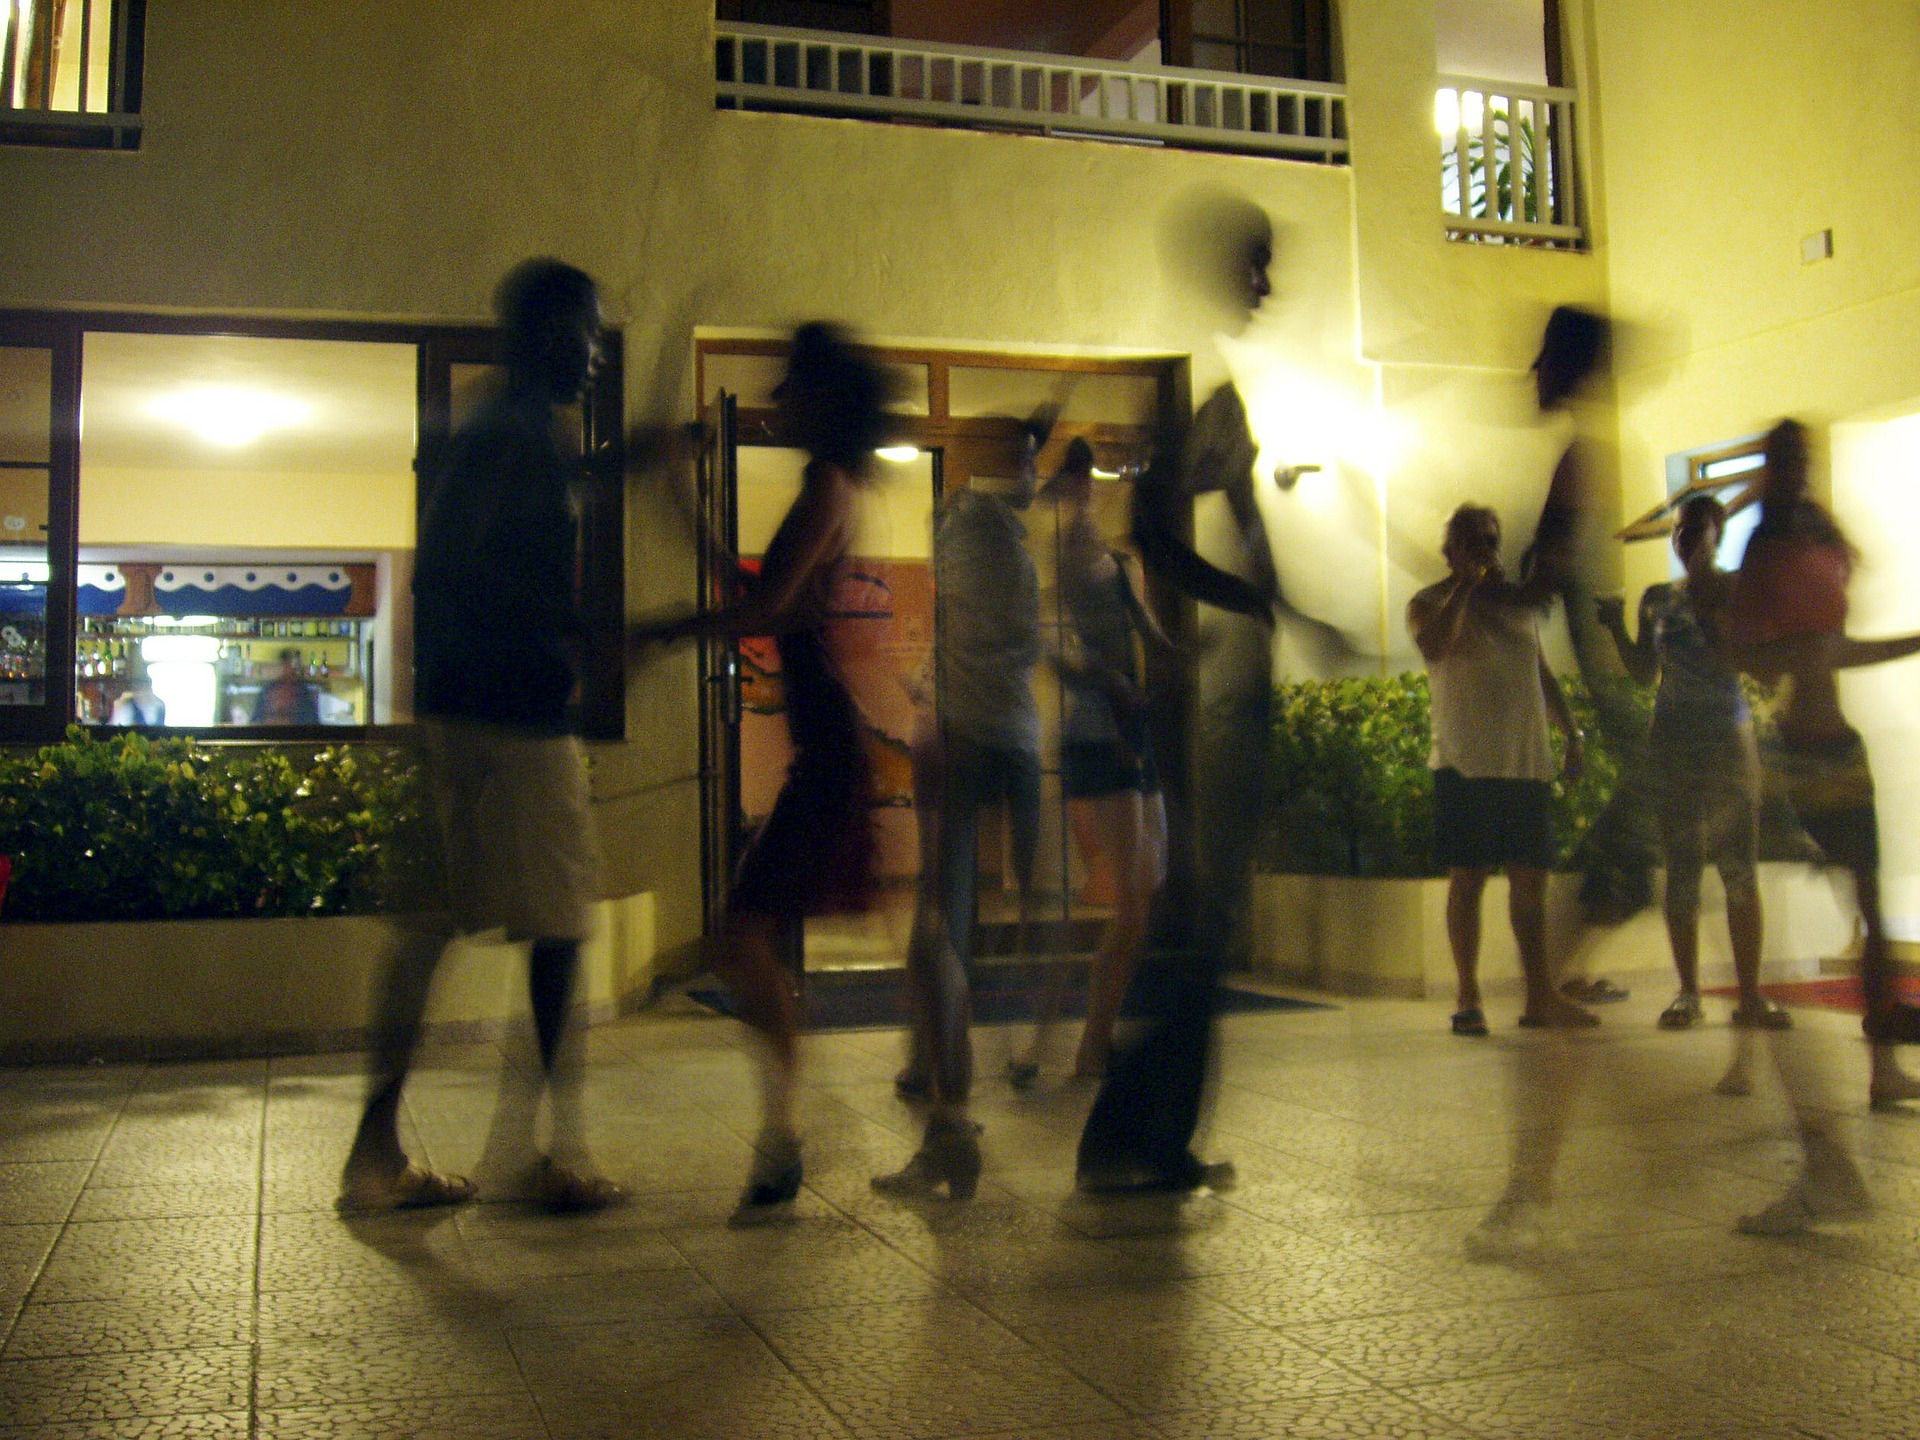 POLETNA VROČA SALSA - večurni plesni večer, ki ga bodo popestrili zvoki Brazilske in kubanske glasbe. Obiskovalci bodo lahko plesali v ritmu timba, bachata, salse in kimoza.